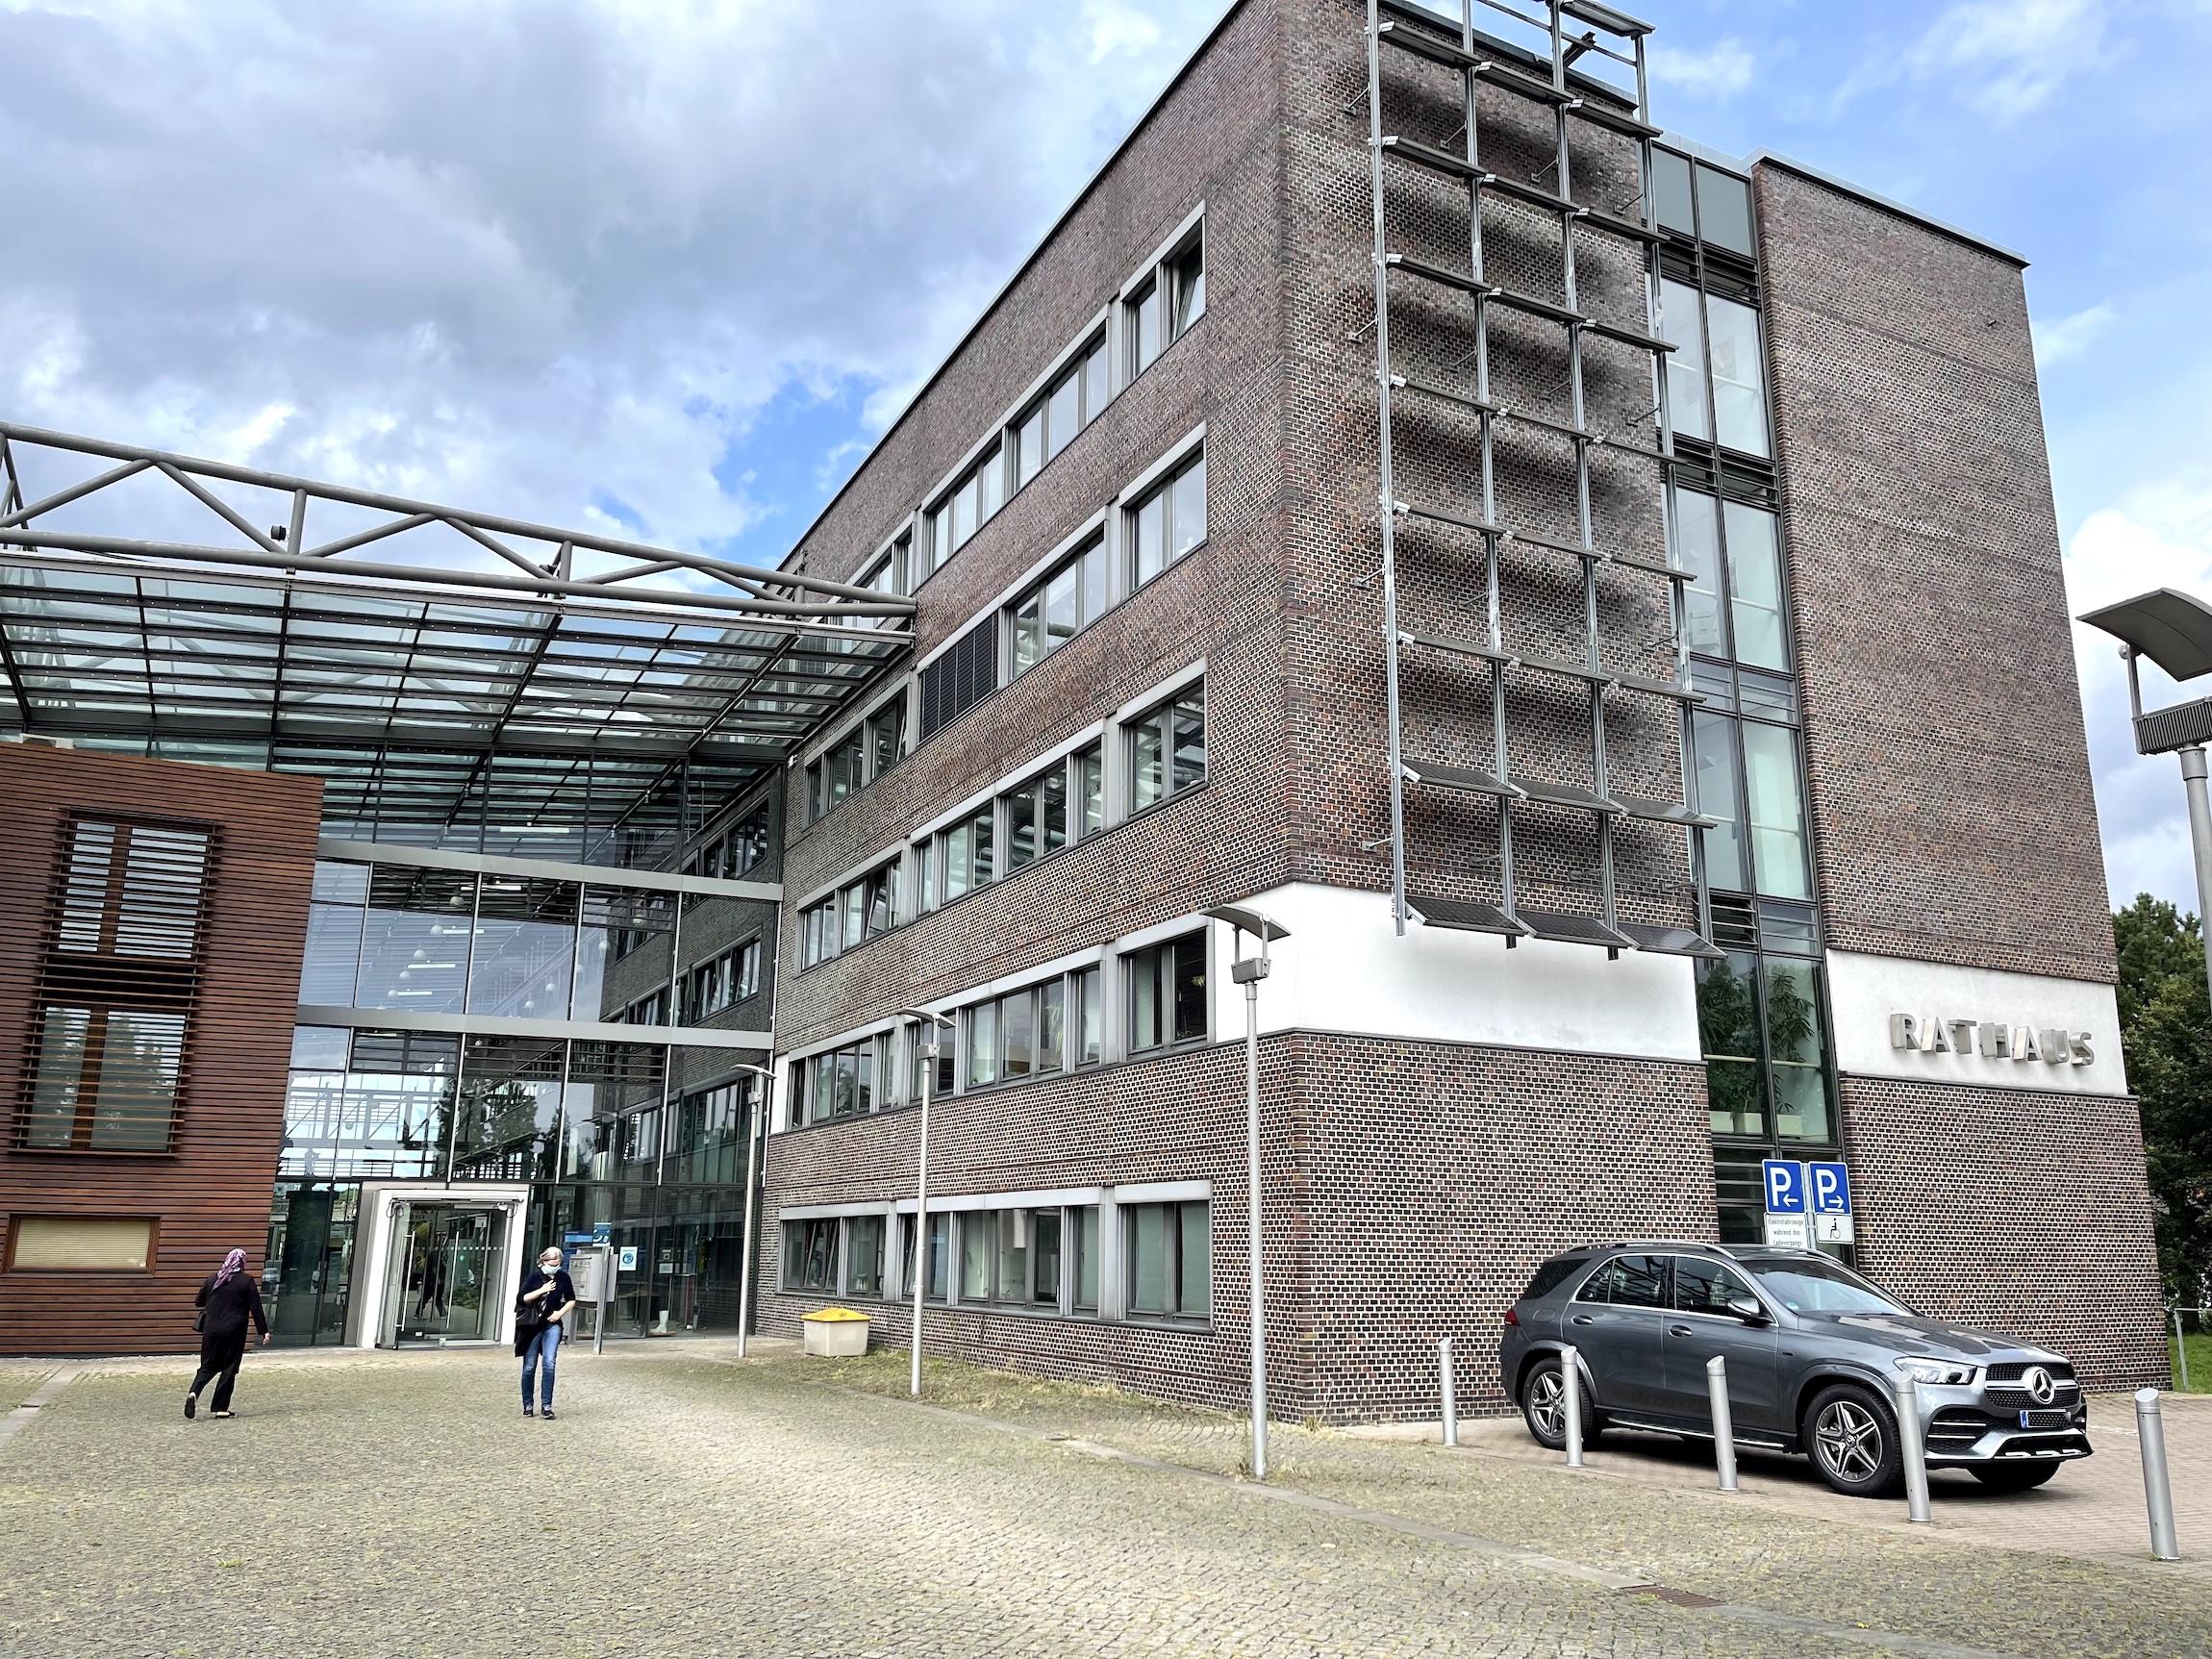 Garbsen Rathaus 2